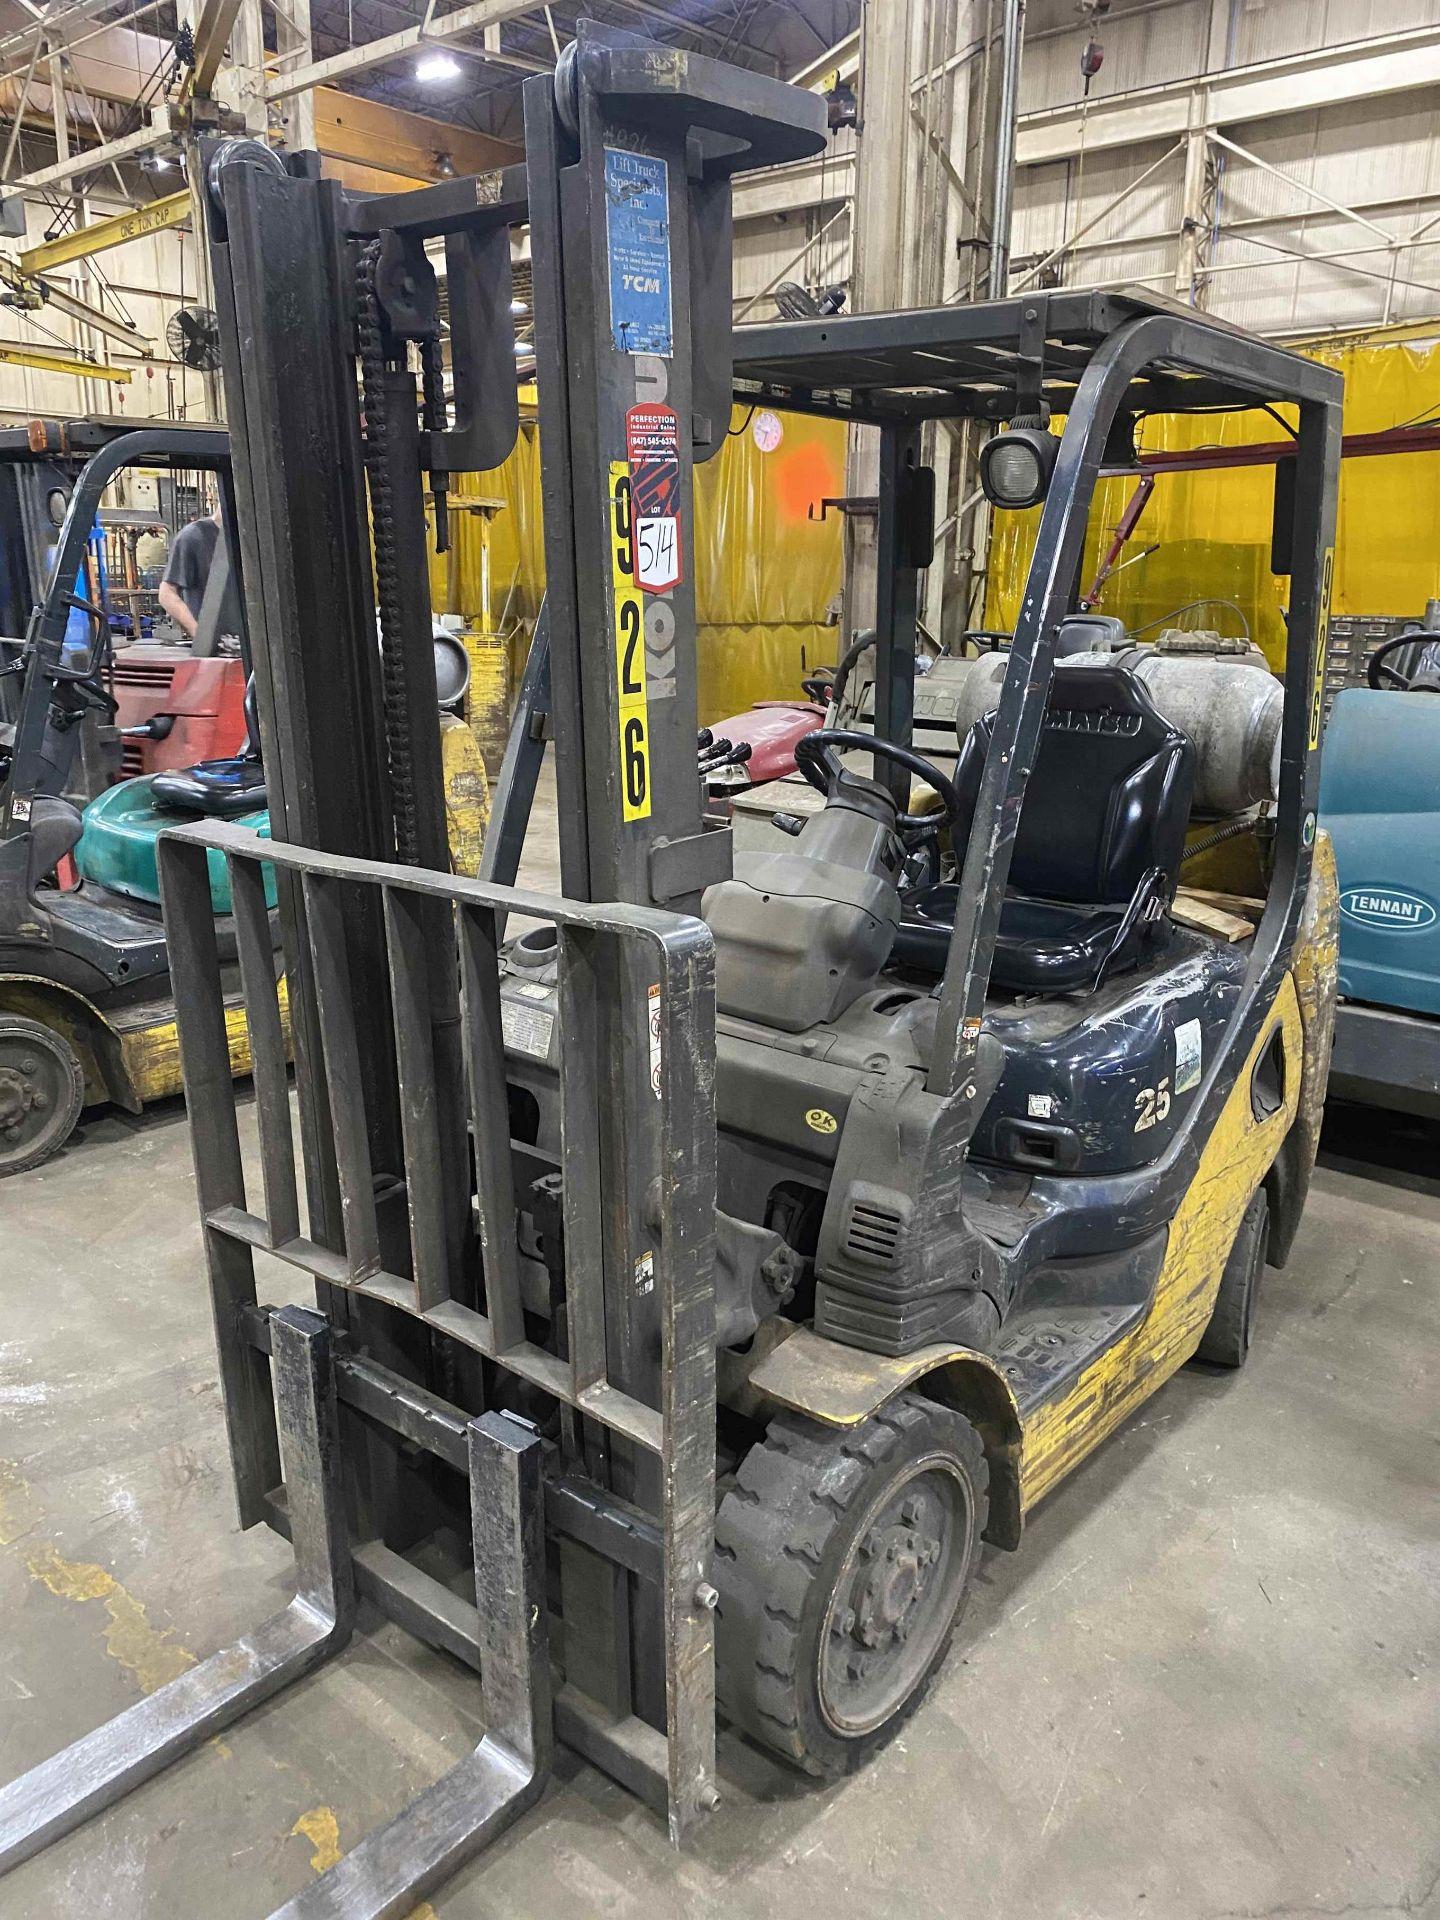 """KOMATSU FG25ST-16 5,000 Lb. LPG Forklift, s/n A234349, Two-Stage Mast, Side Shift, 48"""" Fork - Image 2 of 8"""